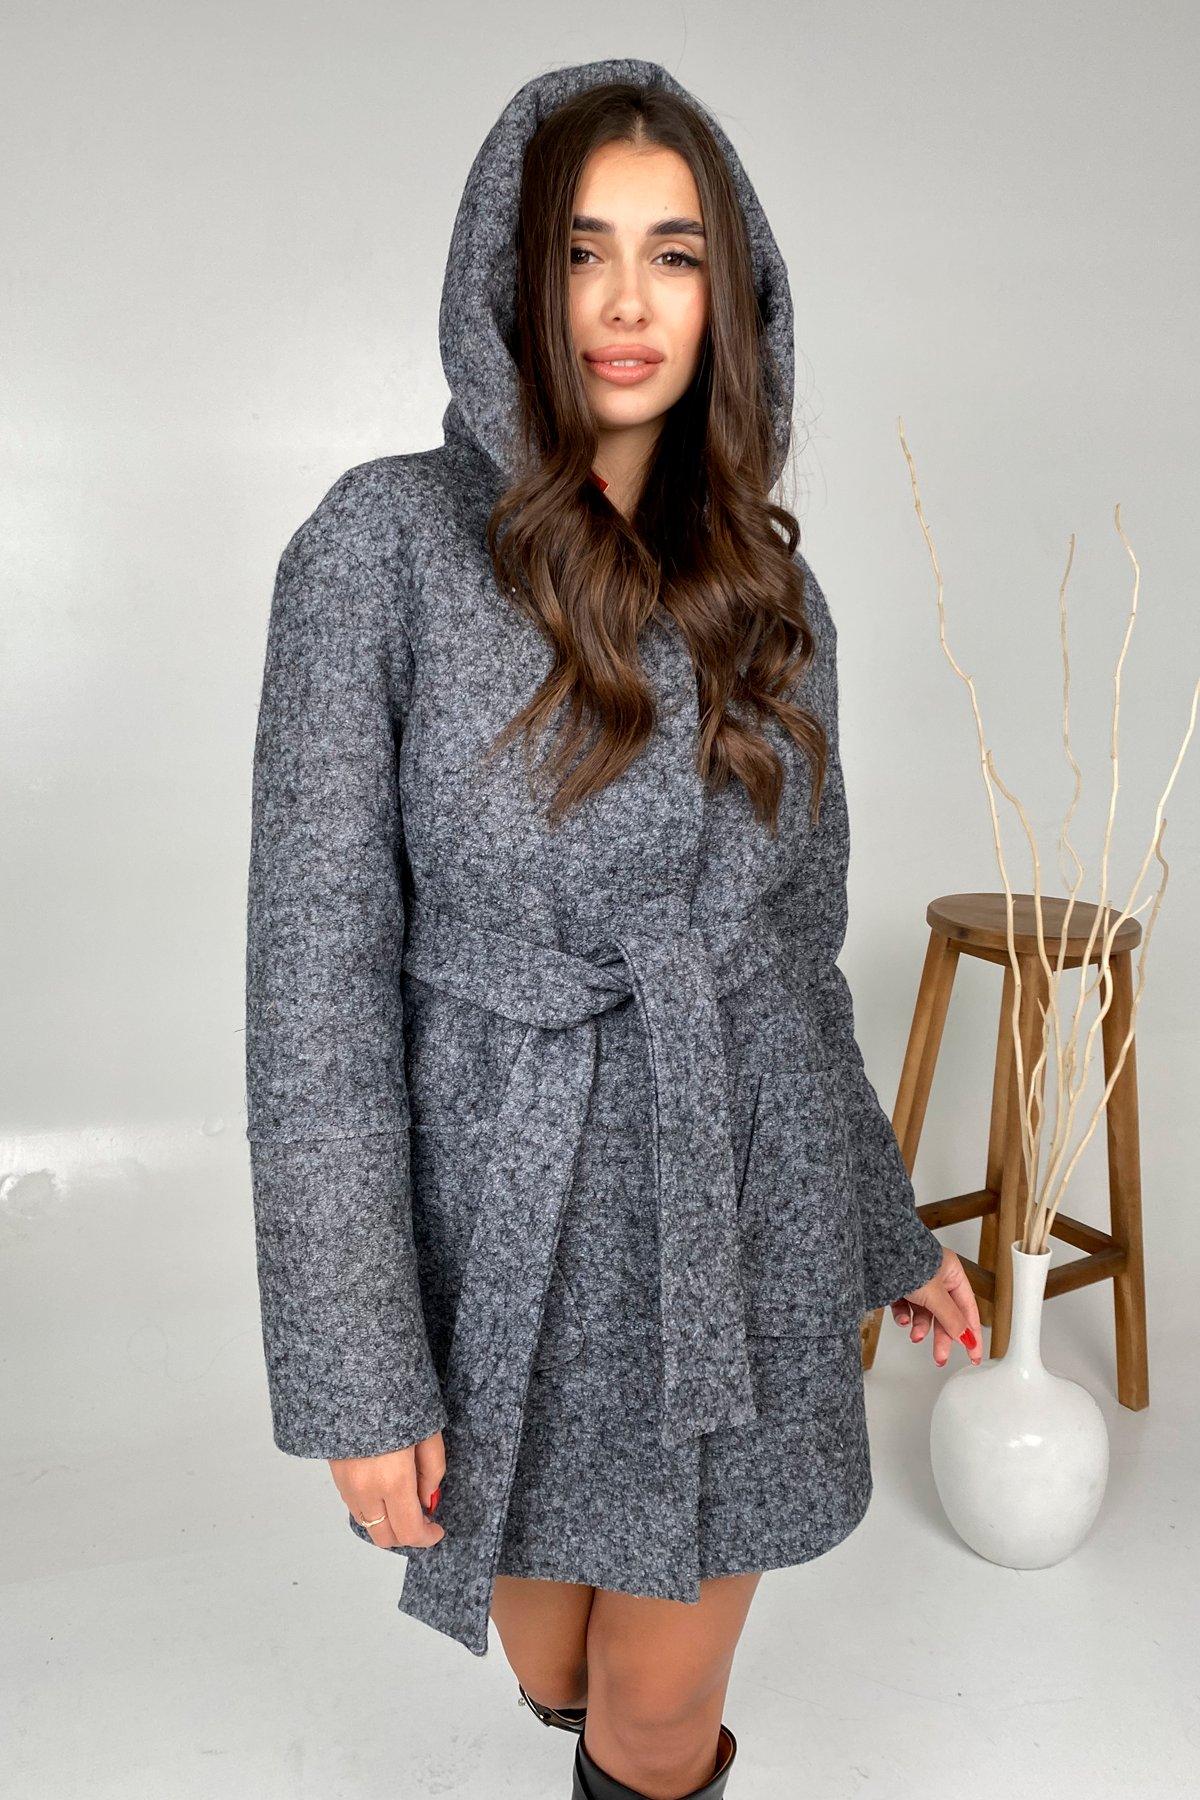 Анита шерсть варенка зима без меха пальто 9936 АРТ. 46225 Цвет: Серый Темный LW-47 - фото 4, интернет магазин tm-modus.ru